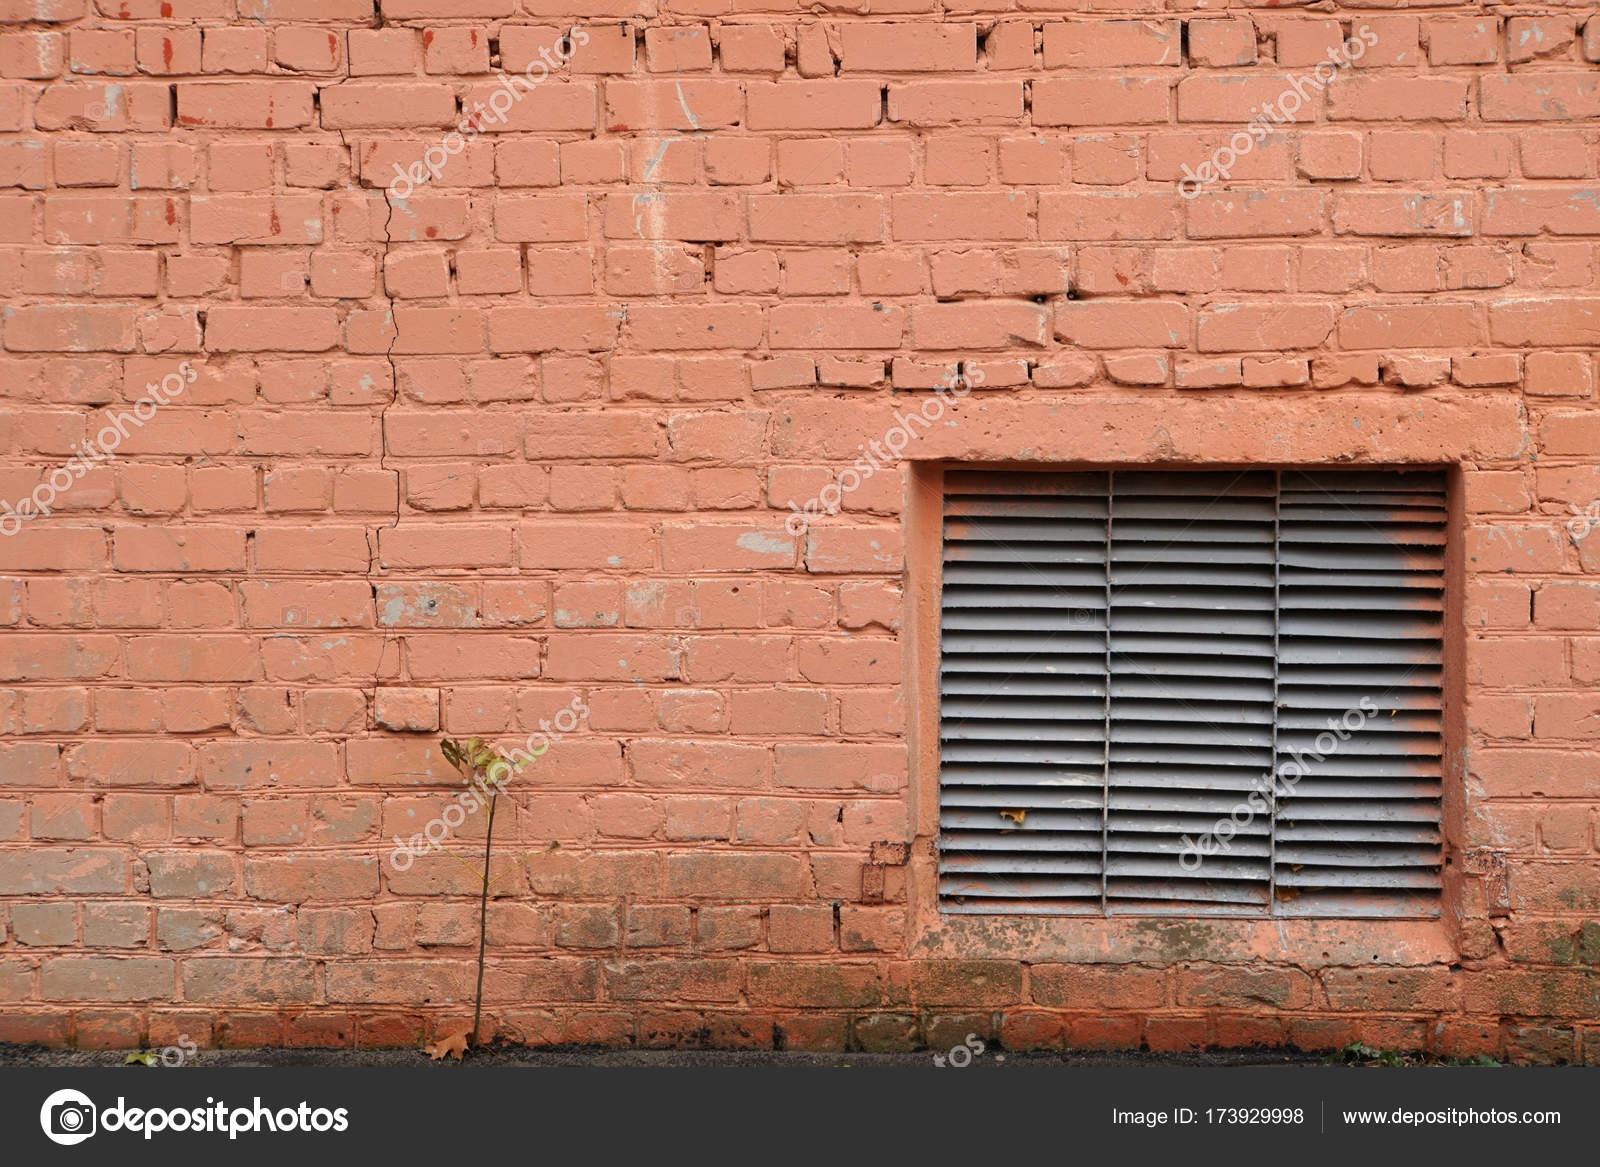 Gut Die Wand Besteht Aus Ziegeln. Es Ist Mit Orange Farbe Gemalt. Hintergrund.  Von Außen. Technologische Fenster Mit Einem Gitter.